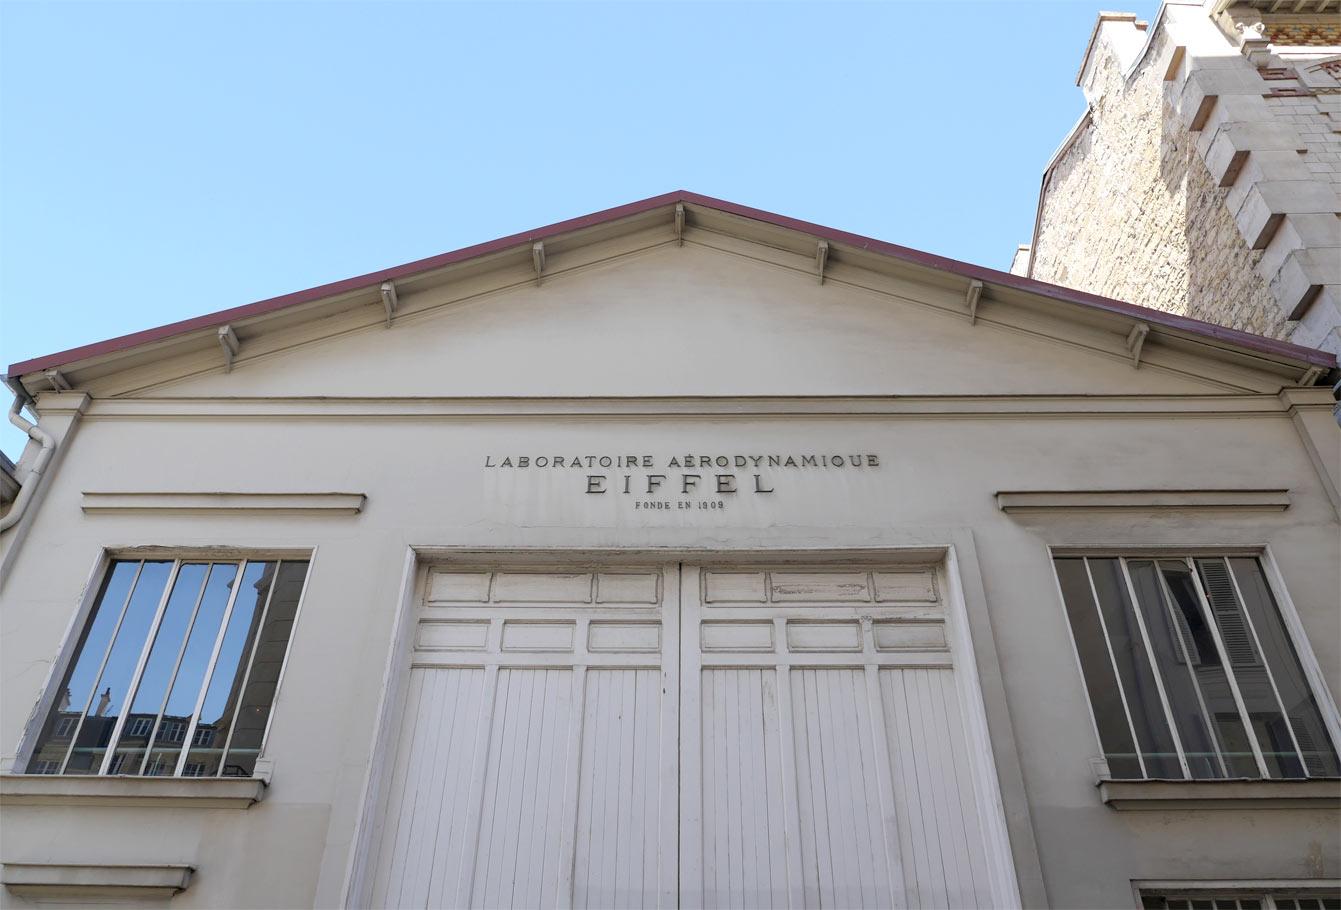 Laboratoire aérodynamique Eiffel